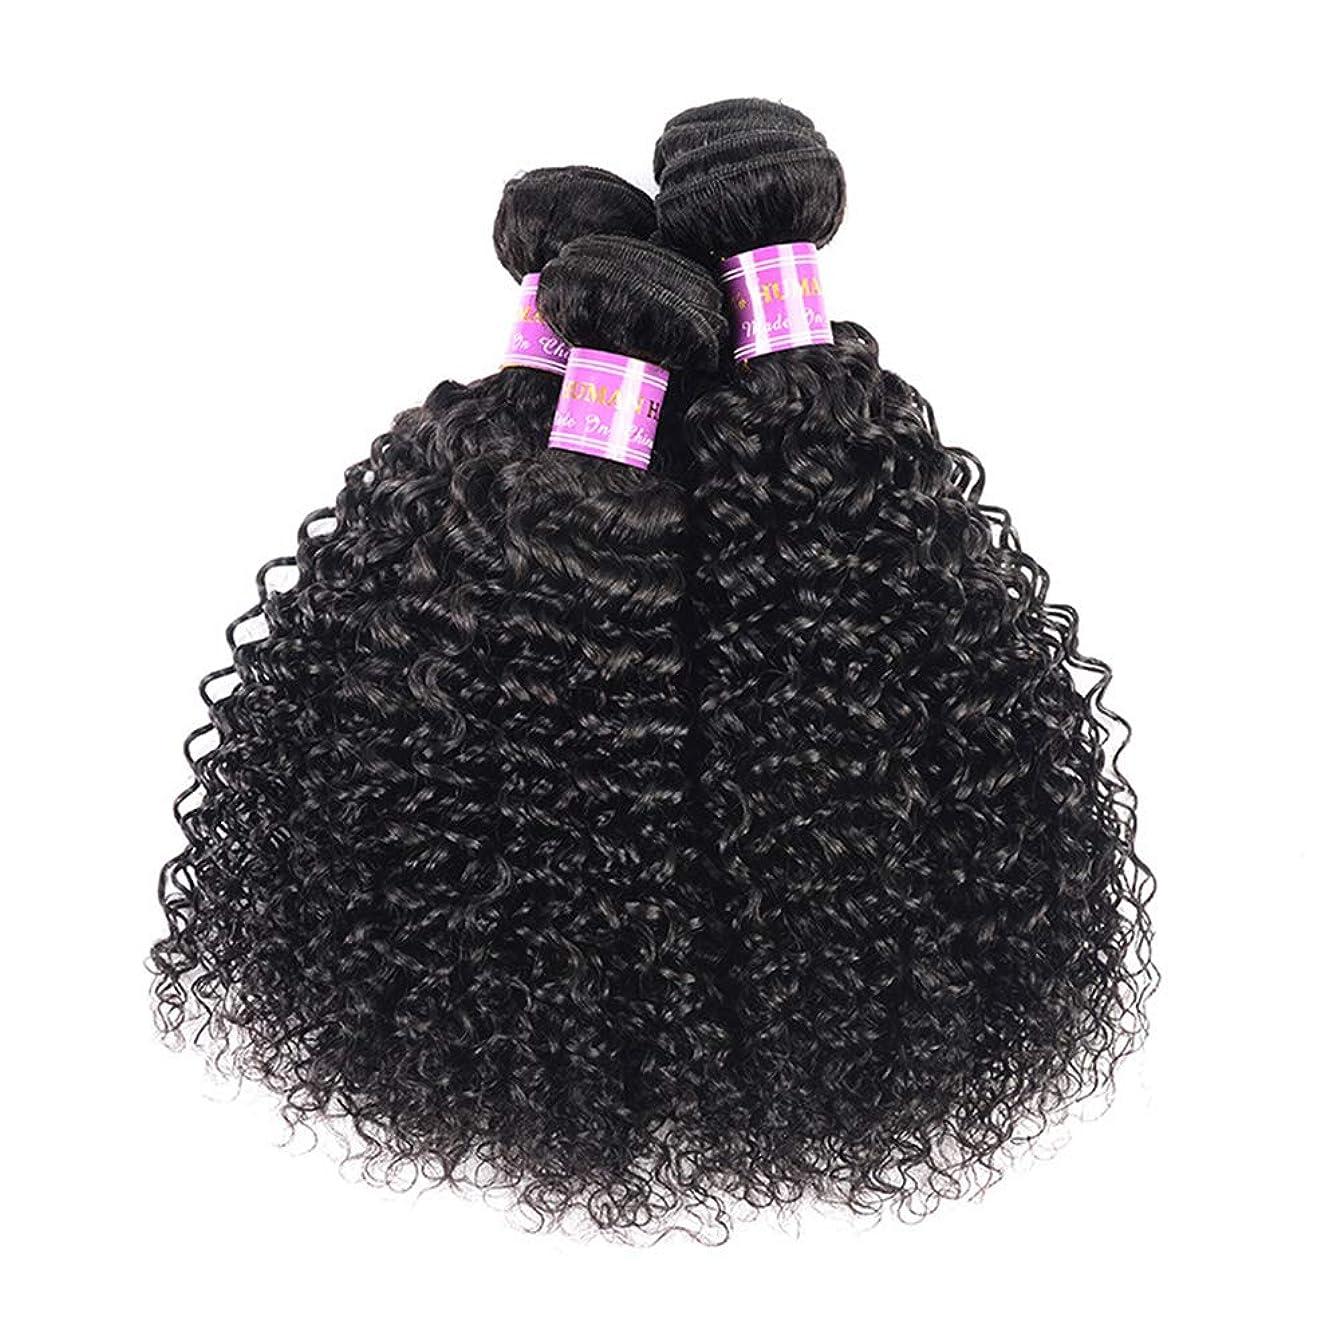 政治ベッドを作る樹皮髪織り8a変態カーリーヘアー1バンドル人間の髪織り未処理ブラジルレミーバージンレミー髪